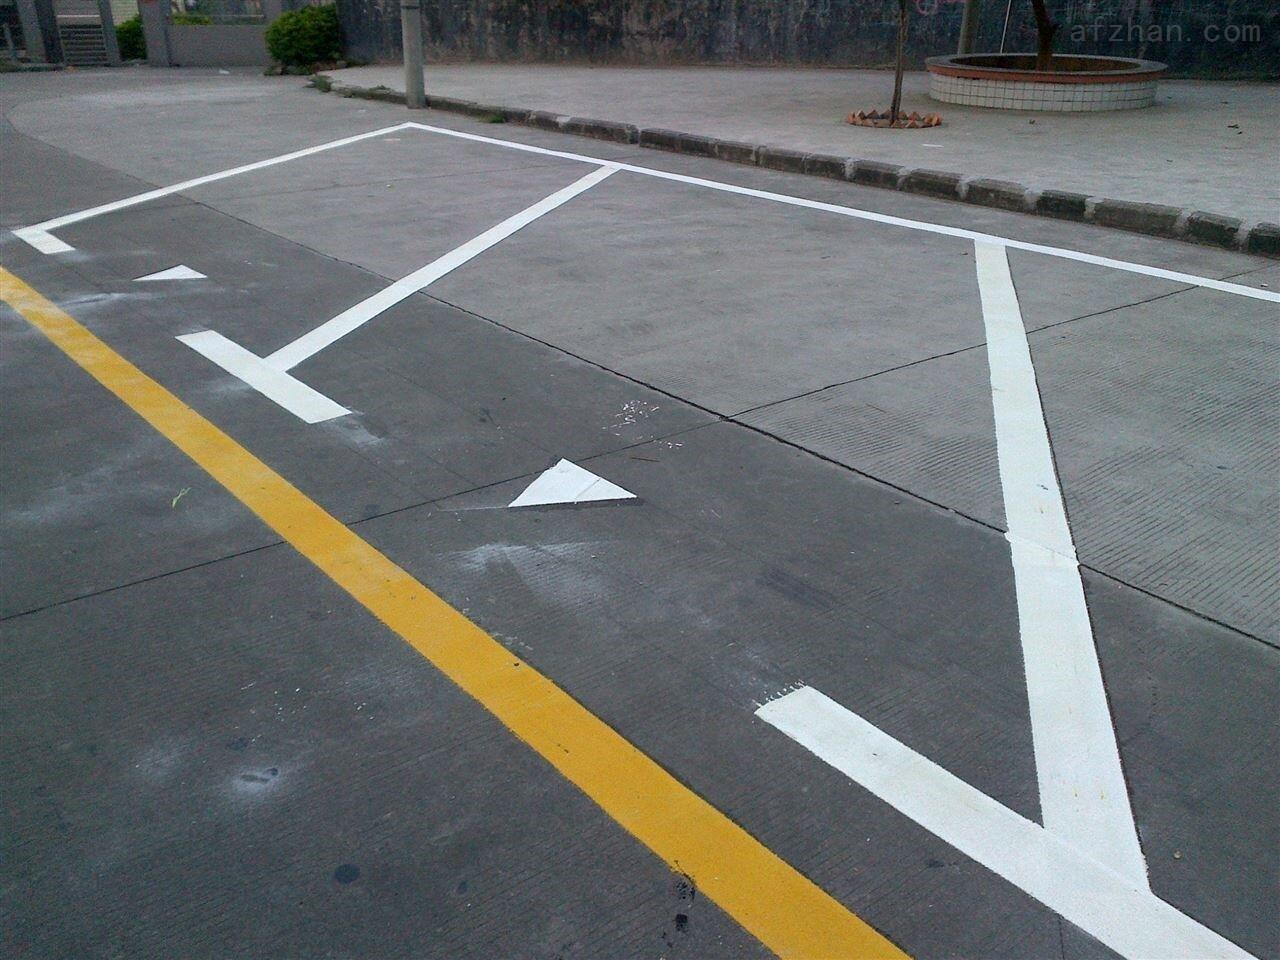 ch 毕节地区道路标志牌安装与设计工厂供应凯里小区停车场车位划线